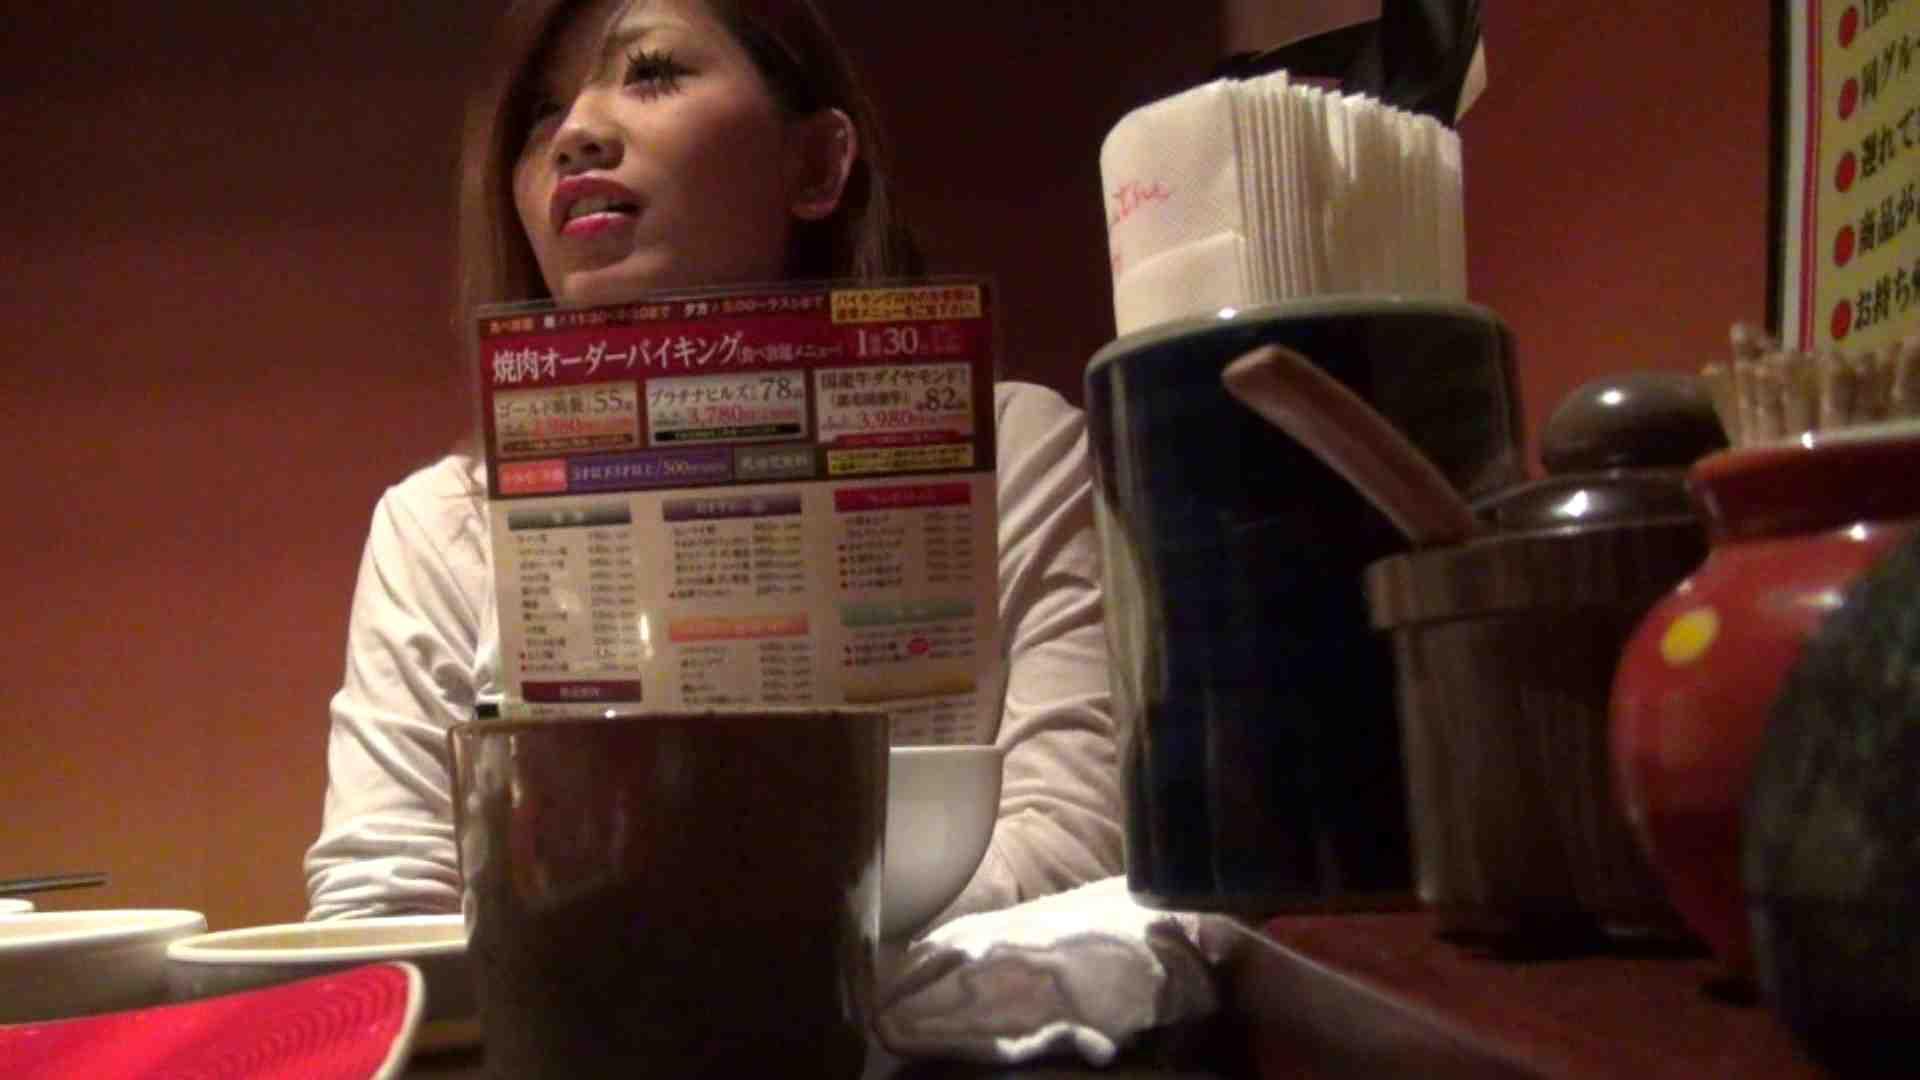 【出会い01】大助さんMちゃんと食事会 エッチすぎる友人   悪戯  54連発 5